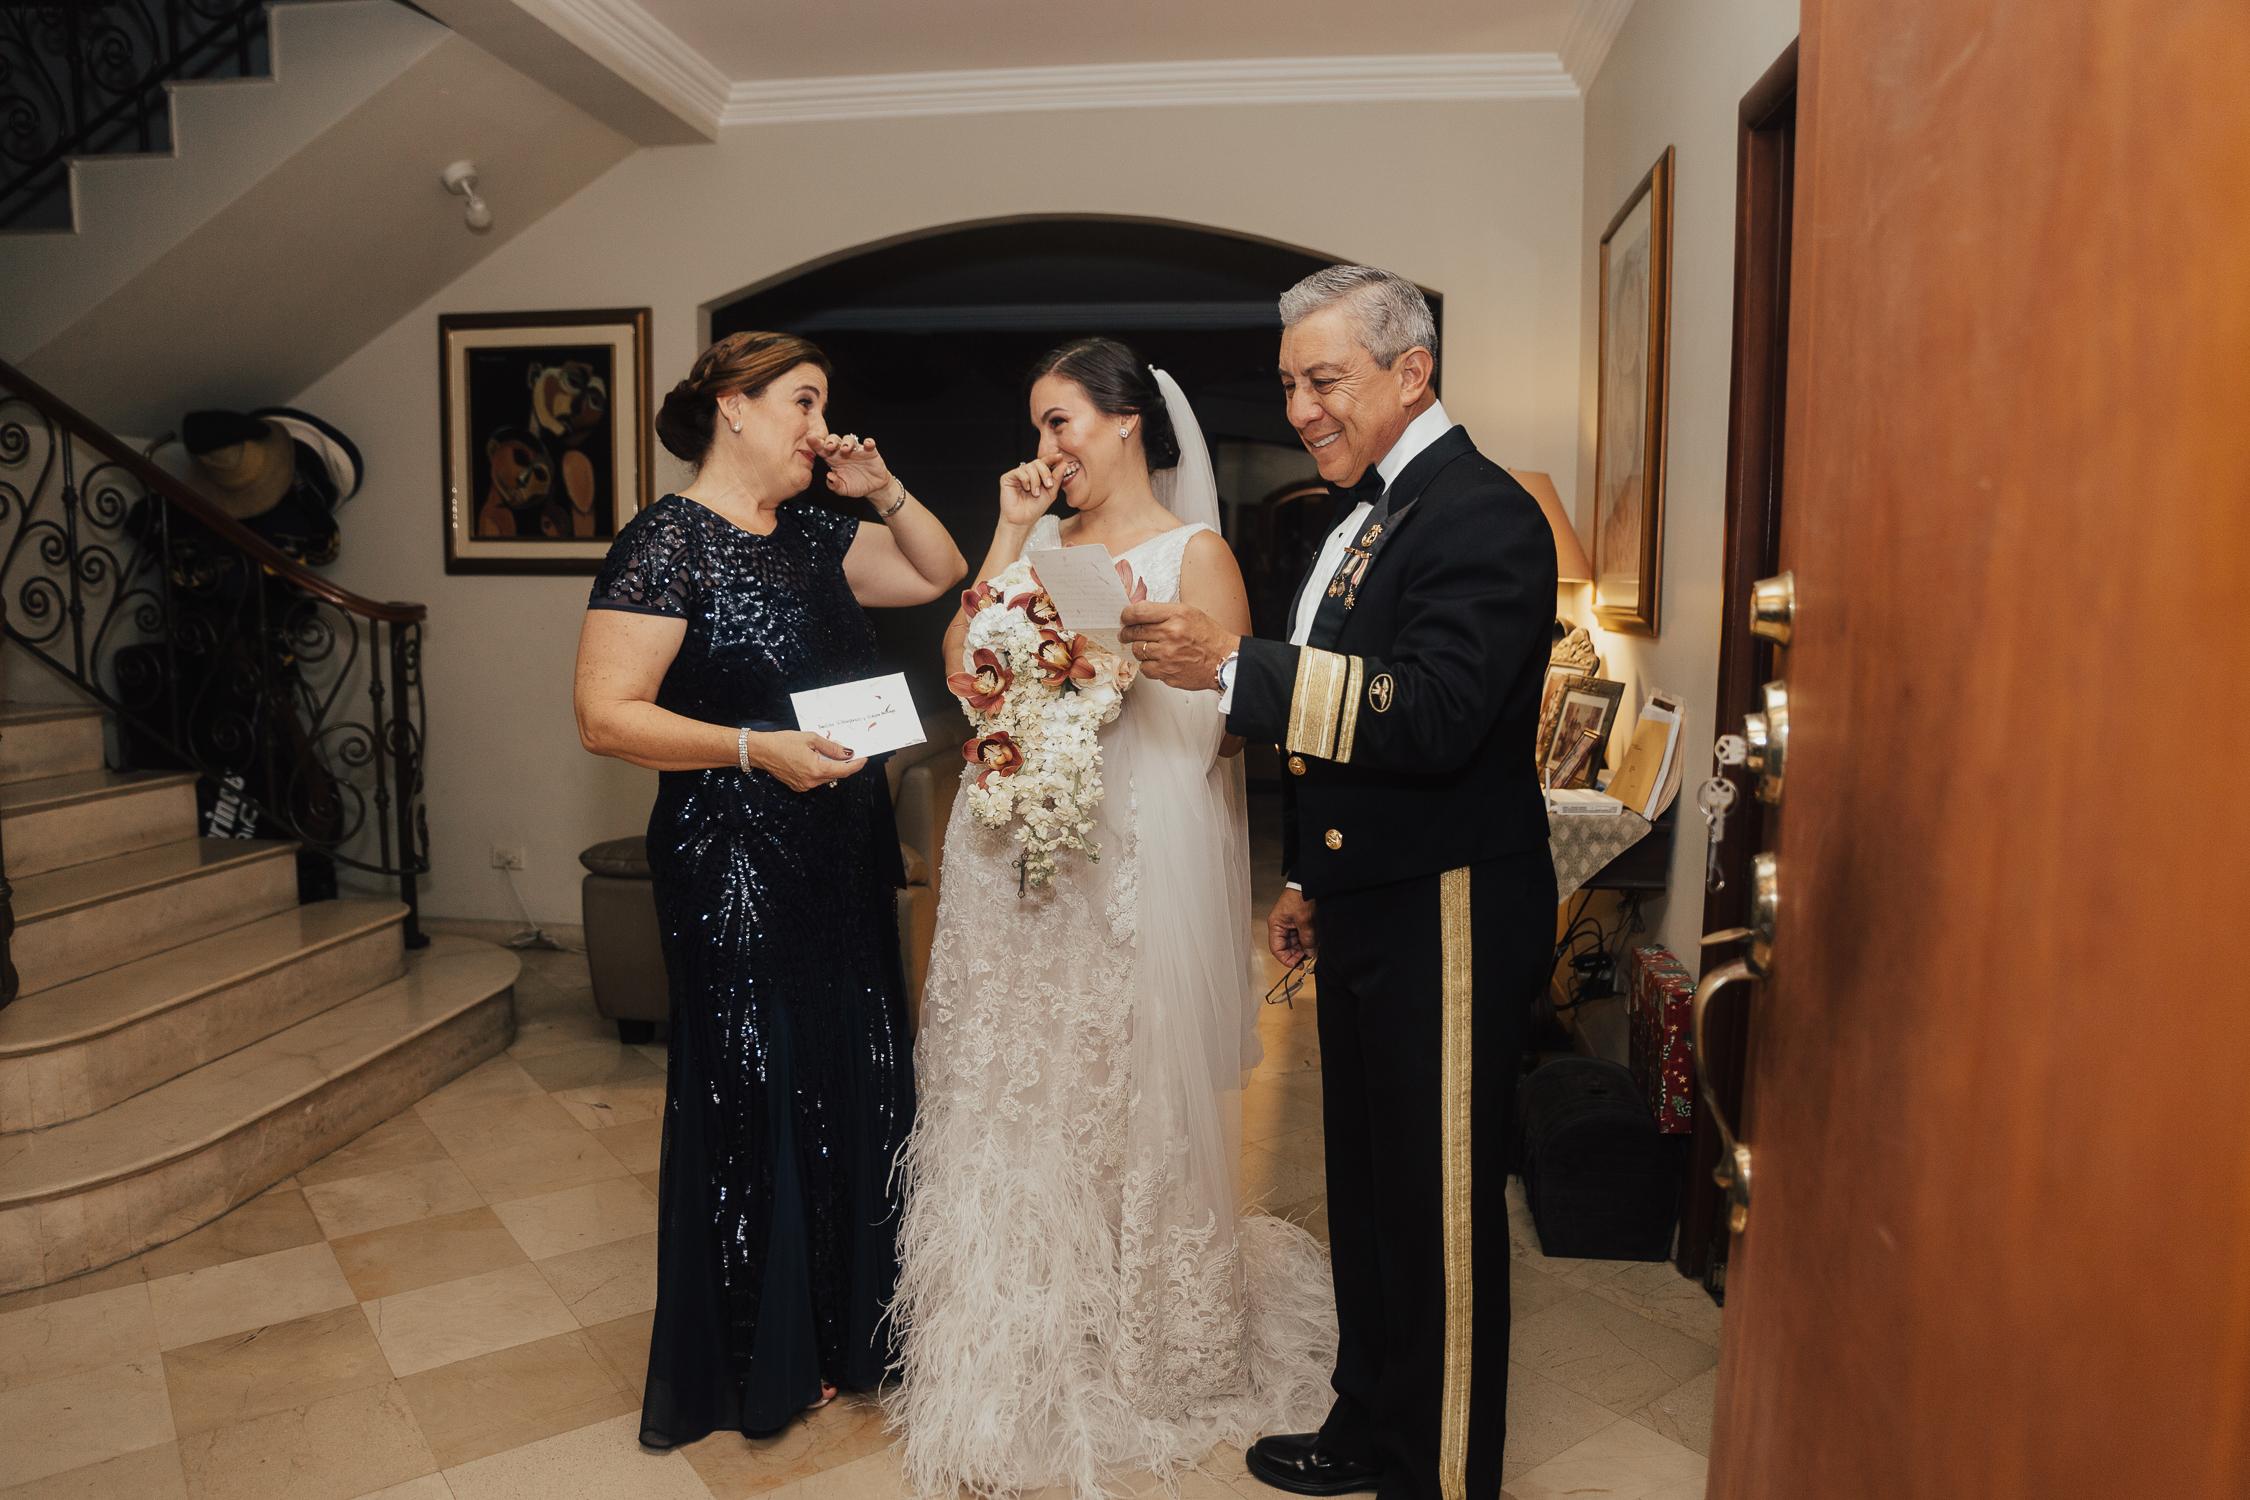 Michelle-Agurto-Fotografia-Bodas-Ecuador-Destination-Wedding-Photographer-Ecuador-Mercedes-Alvaro-44.JPG